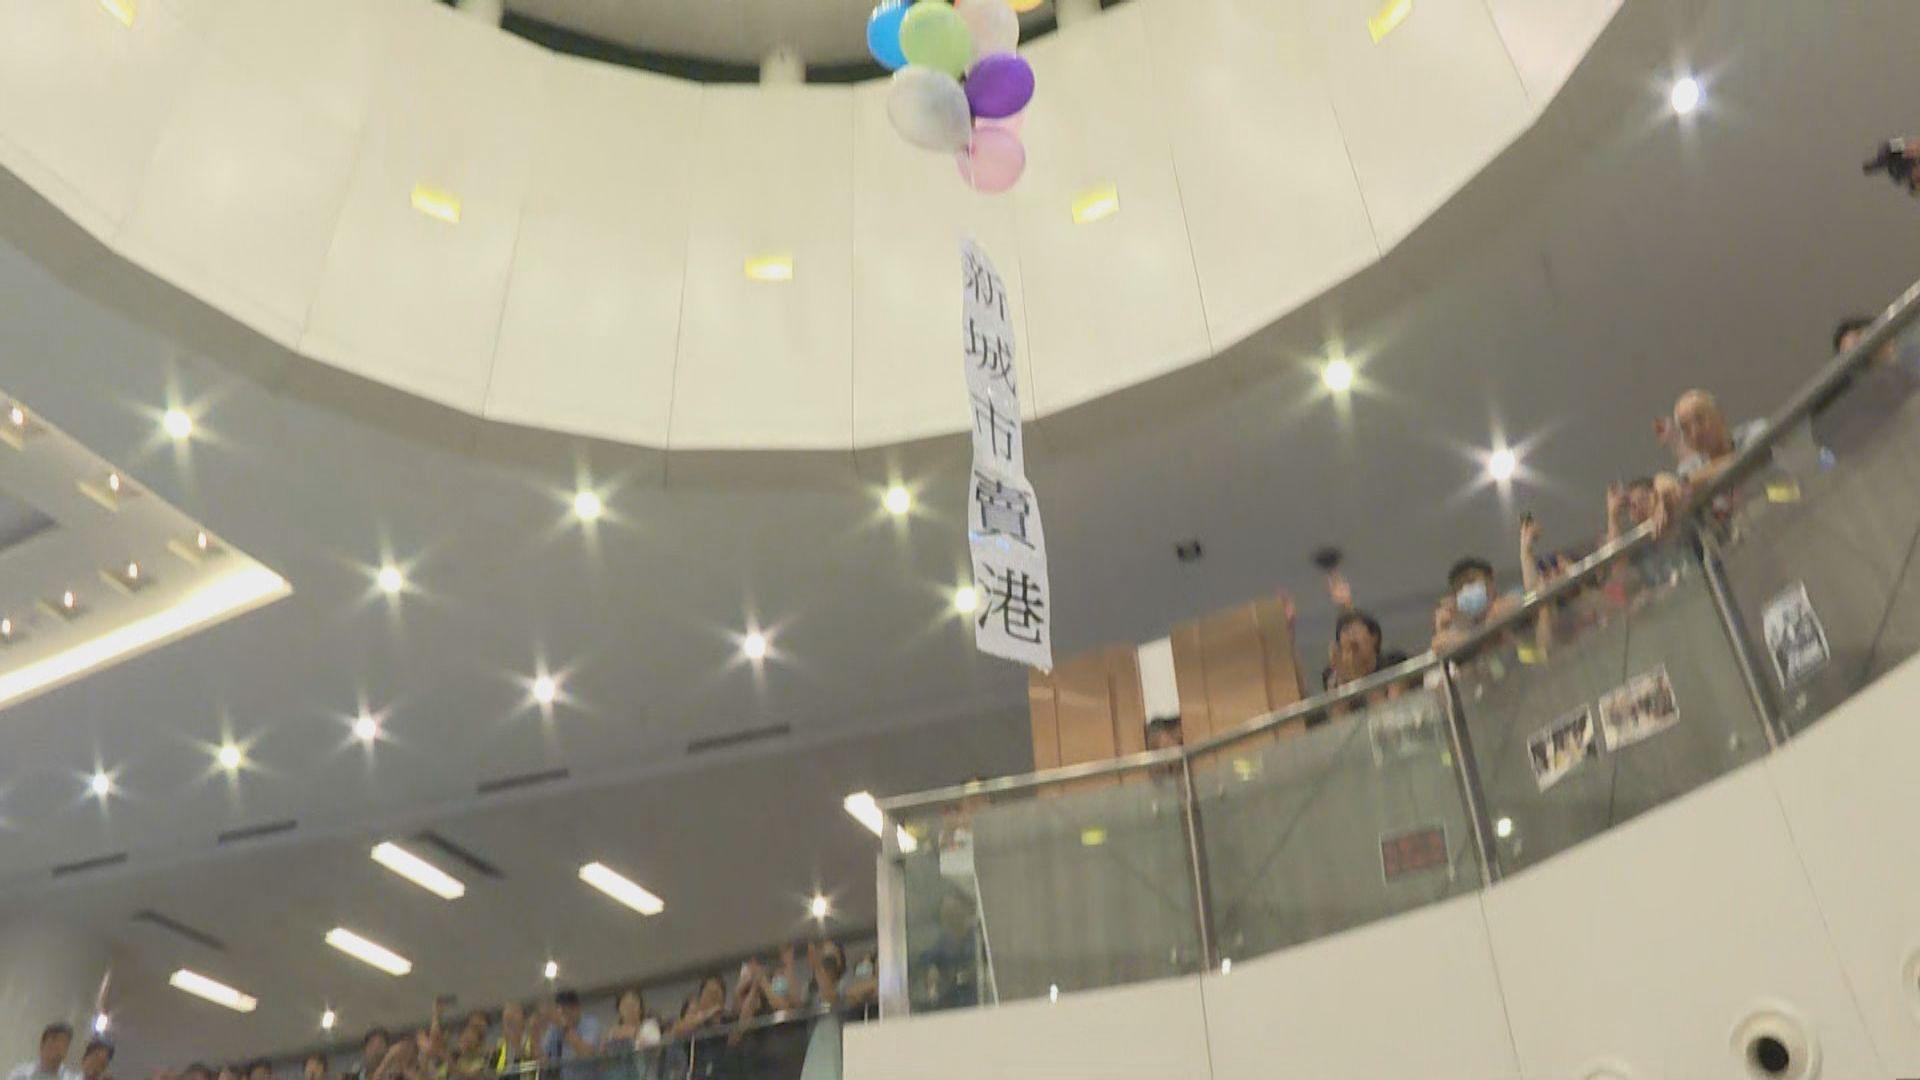 新城市廣場內有人將示威標語汽球放上半空